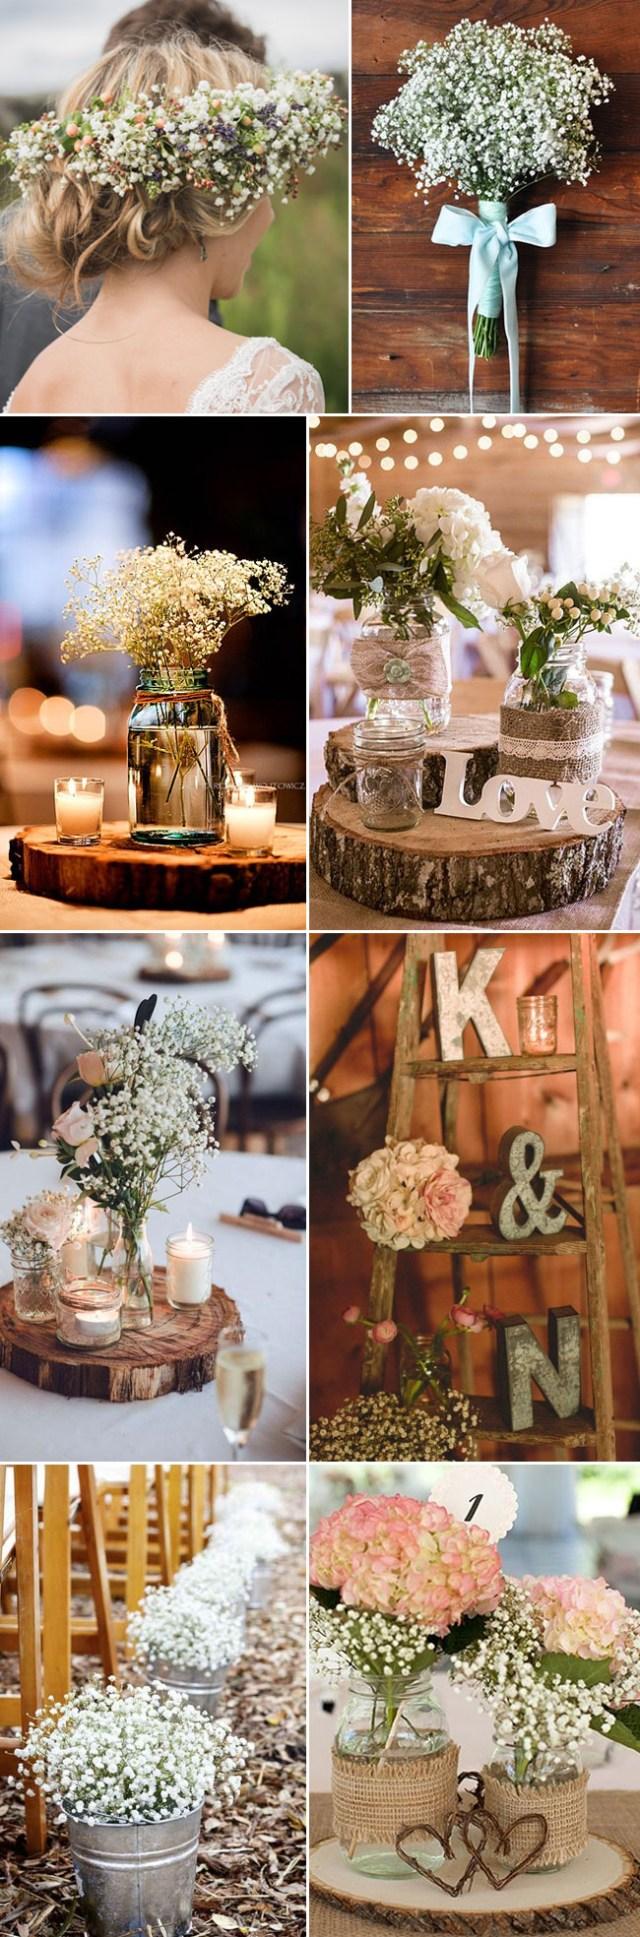 Wedding Ideas Fall 50 Rustic Fall Barn Wedding Ideas That Will Take Your Breath Away